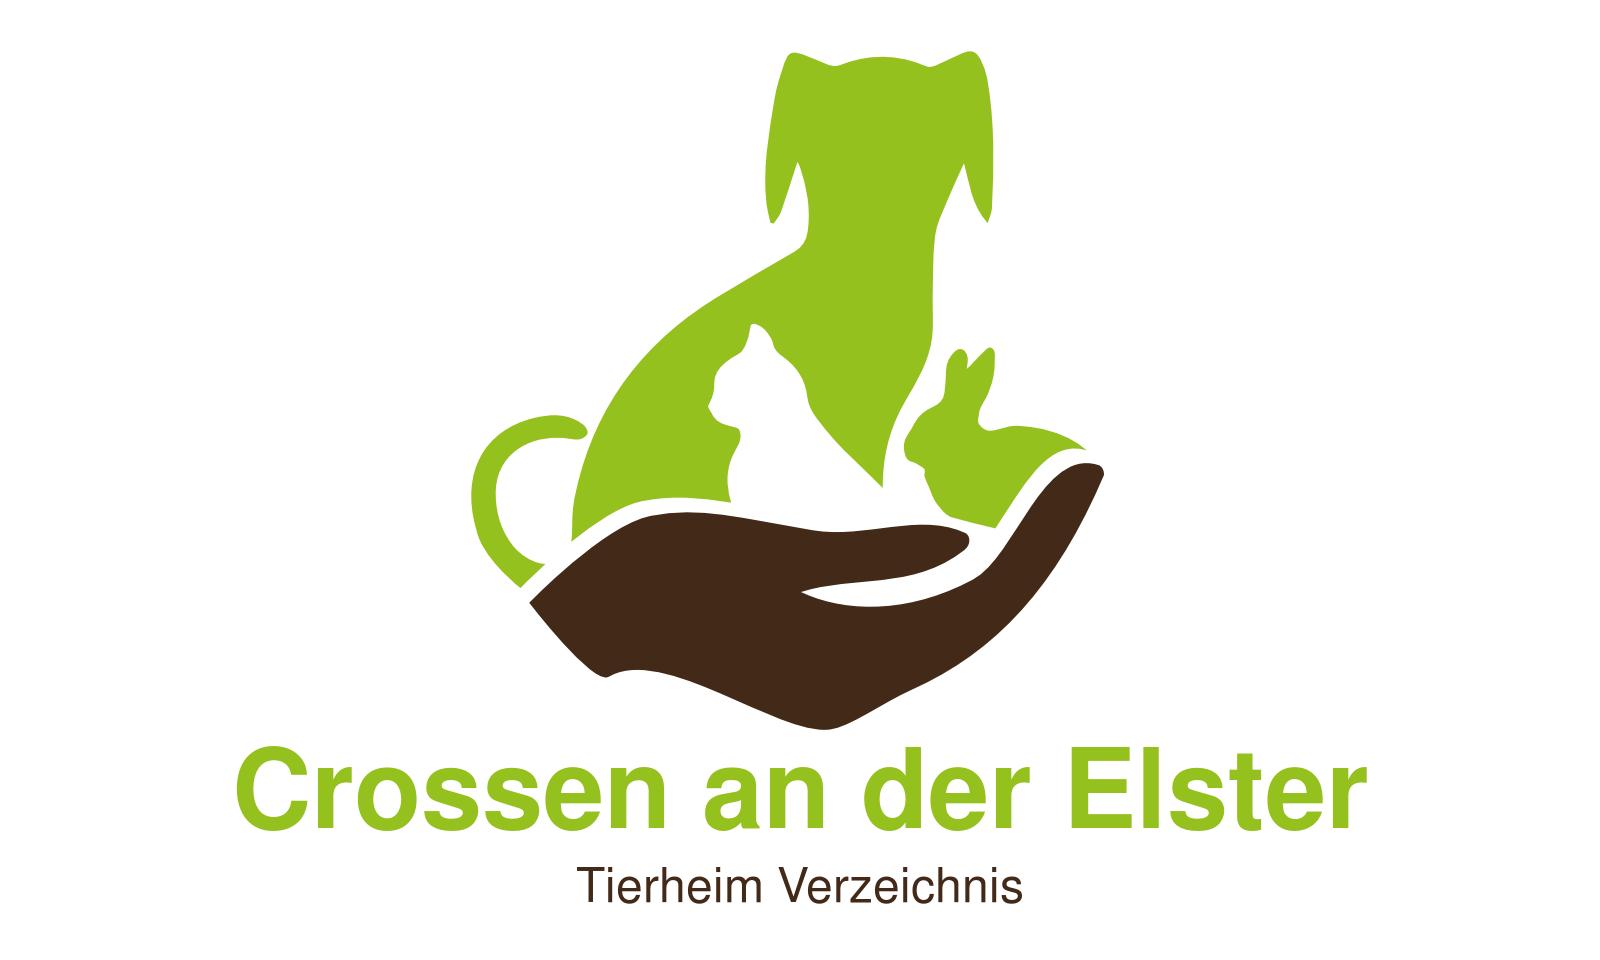 Tierheim Crossen an der Elster